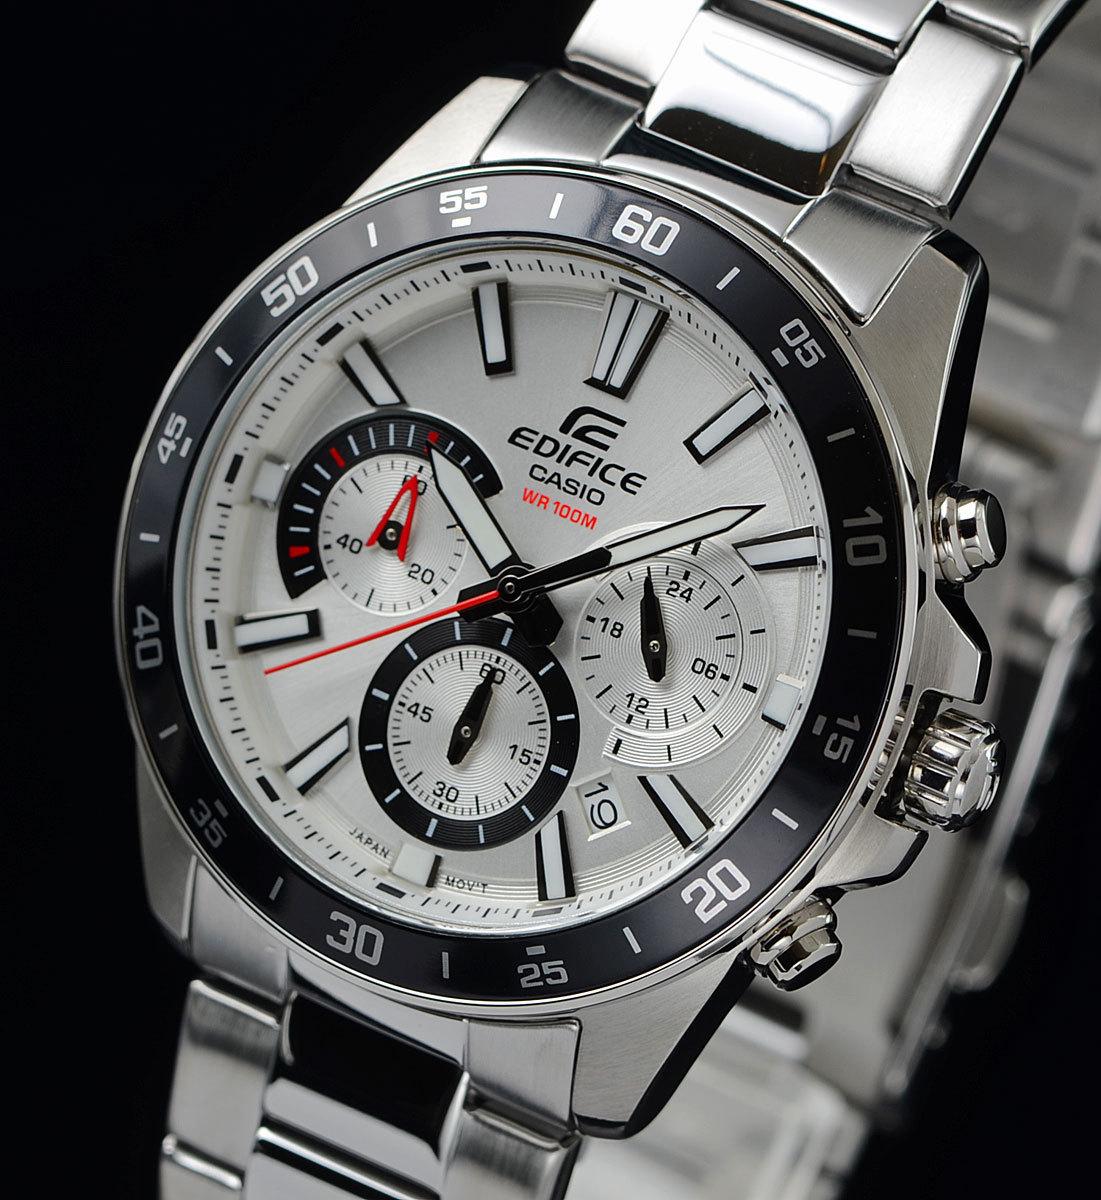 1円×3本 カシオ逆輸入EDIFICEエディフィス欧米モデル 精悍メタリックシルバー 100m防水 クロノグラフ 腕時計 新品 未使用 CASIO メンズ